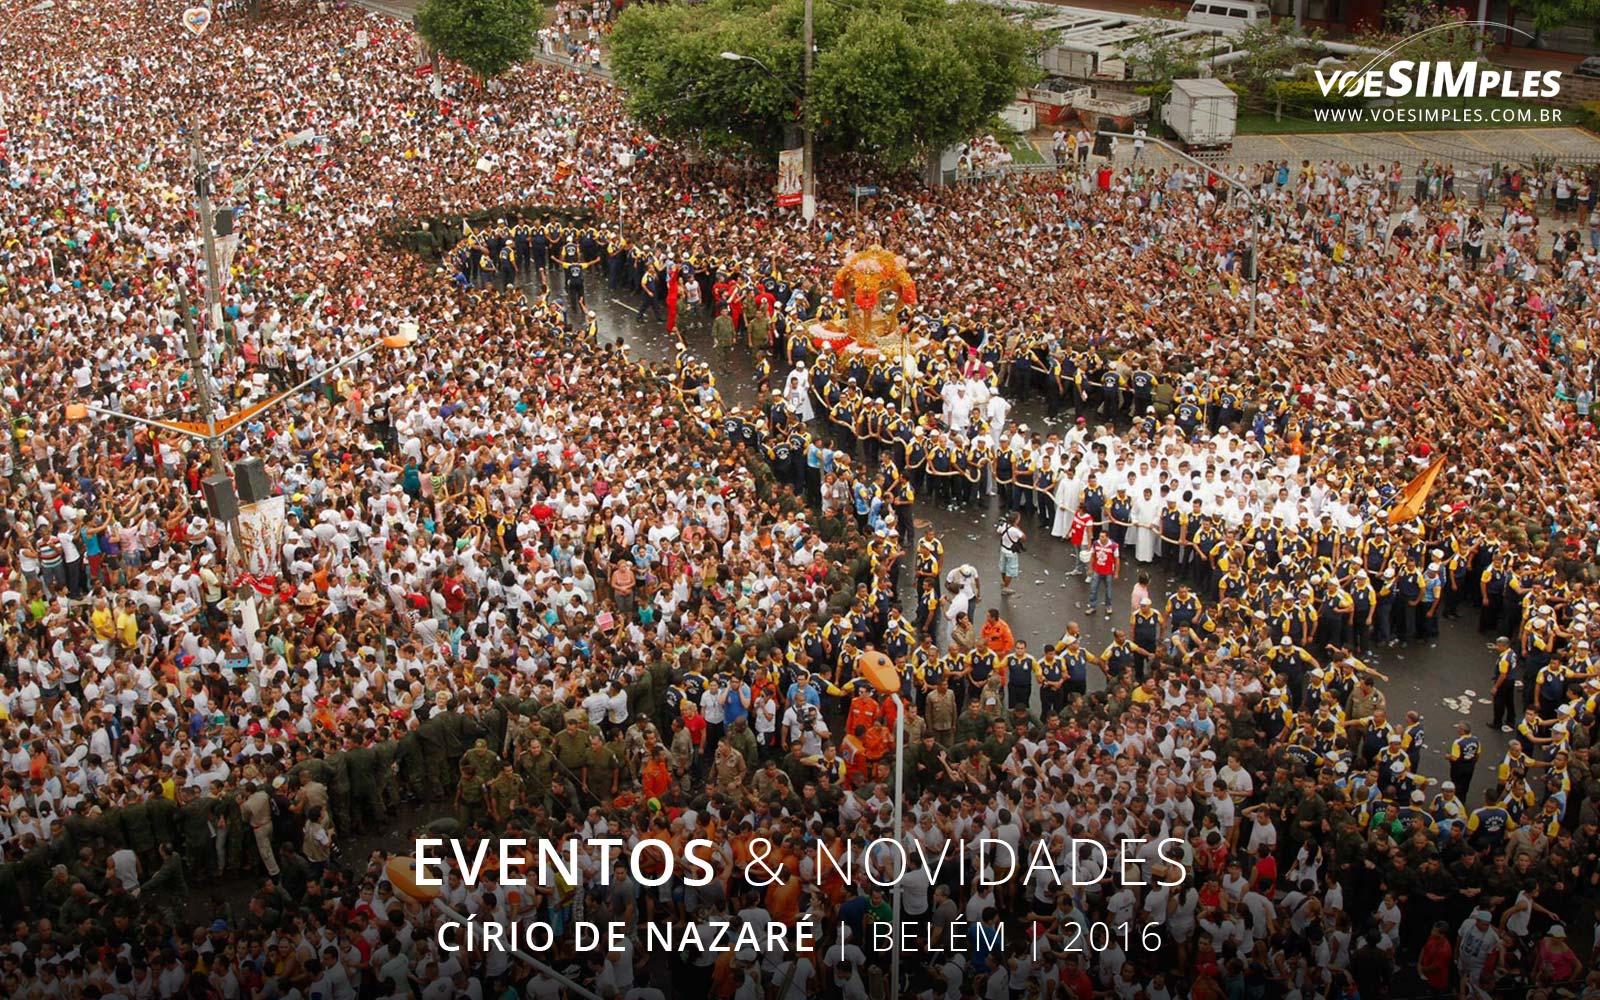 procissao-cirio-nazare-brasil-2016-voesimples-passagens-aereas-promocionais-cirio-nazare-passagens-promo-cirio-nazare-2016